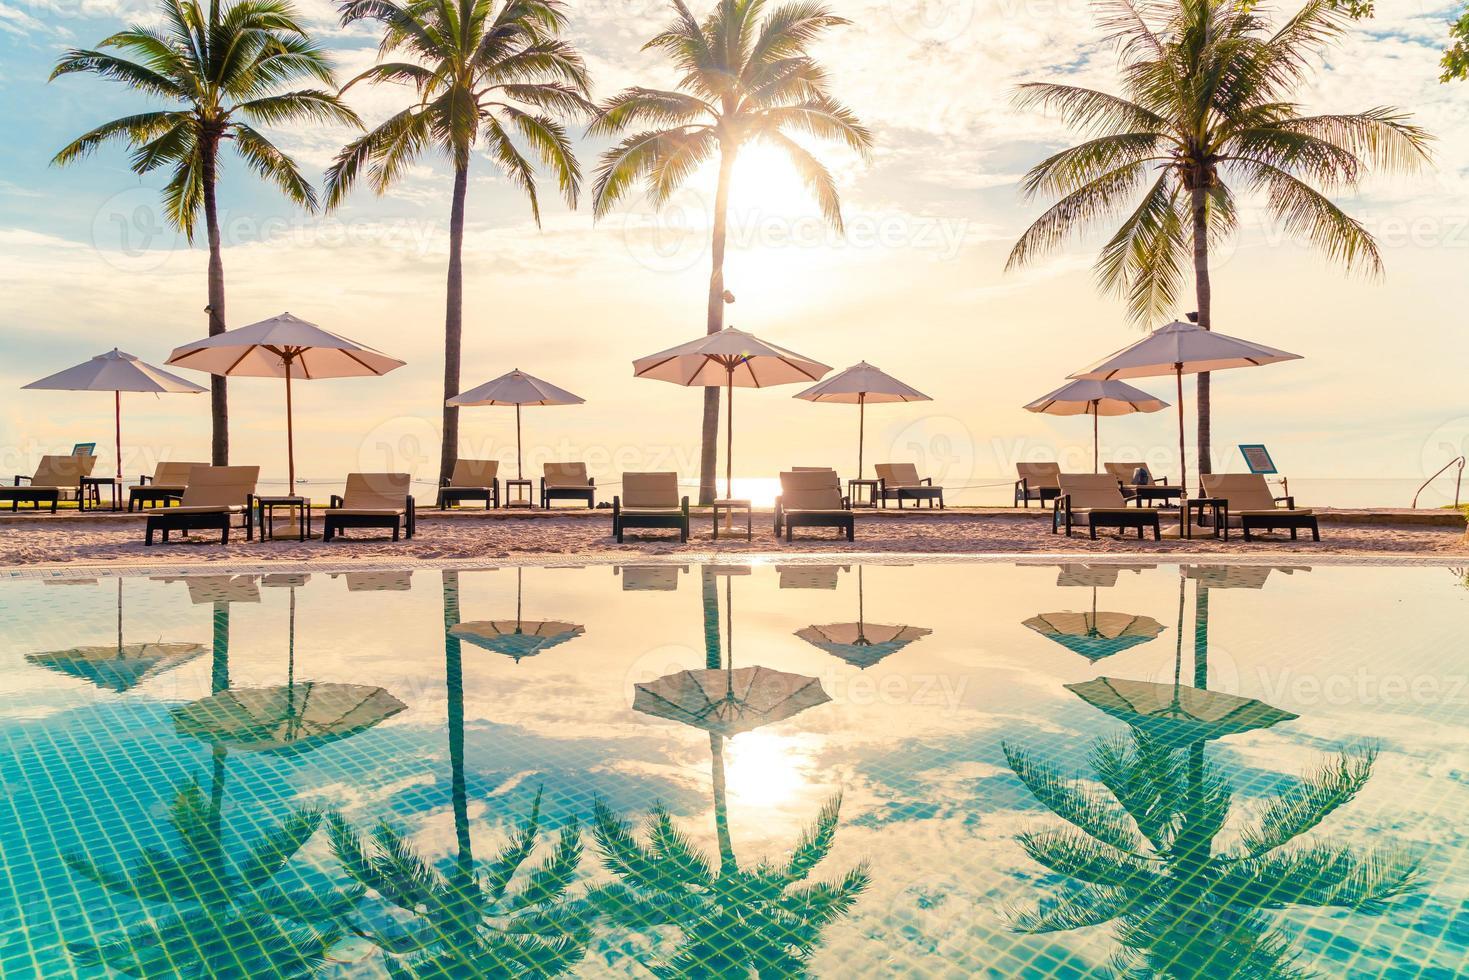 Hermosa sombrilla de lujo y una silla alrededor de la piscina al aire libre en el hotel y resort con palmera de coco en el cielo al atardecer o al amanecer foto